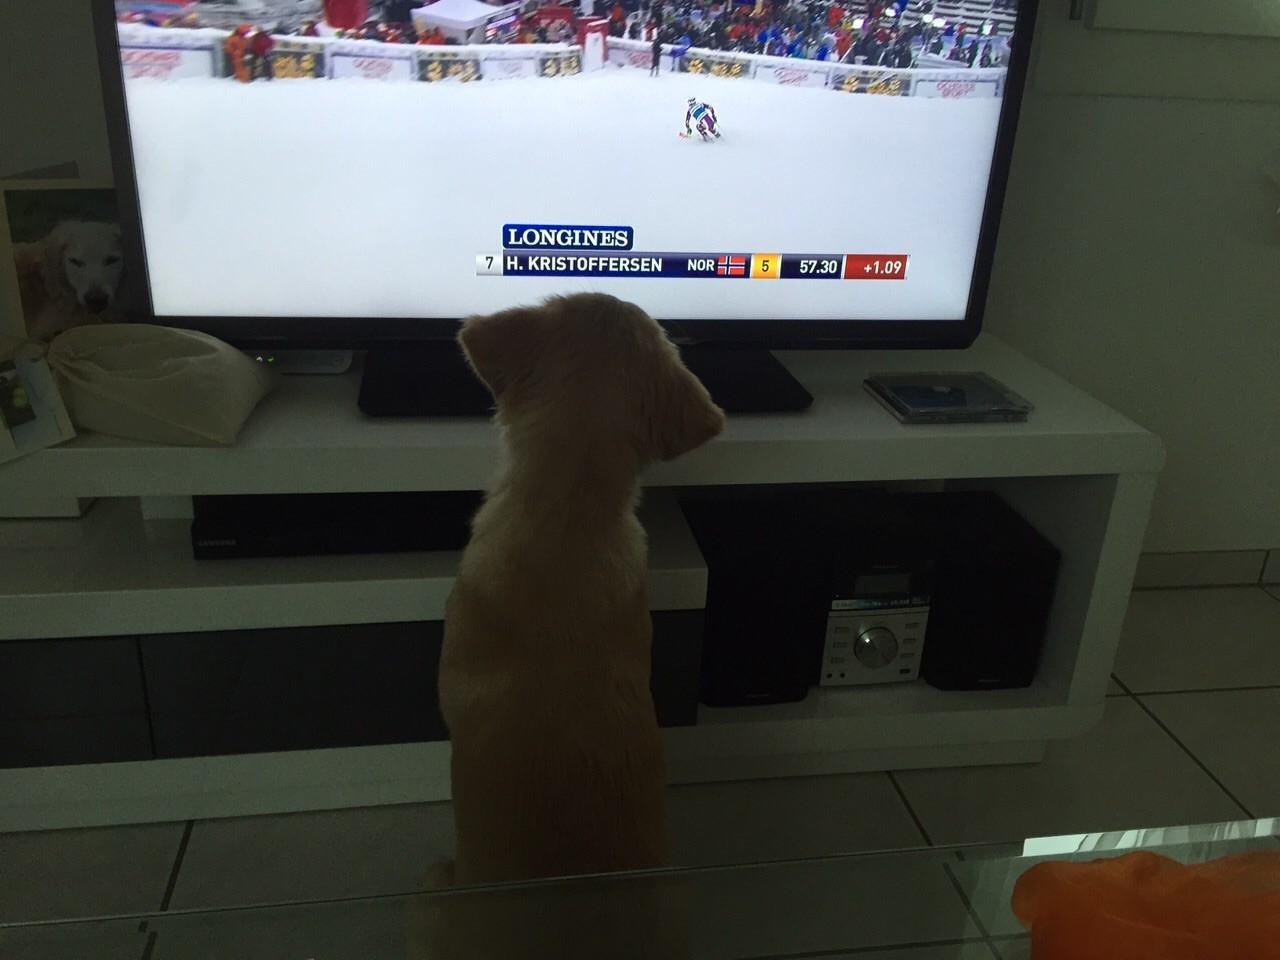 Kim schaut Schkifahren!! Ob die Österreicher gewinnen man bleibt seiner ersten Heimat treu!